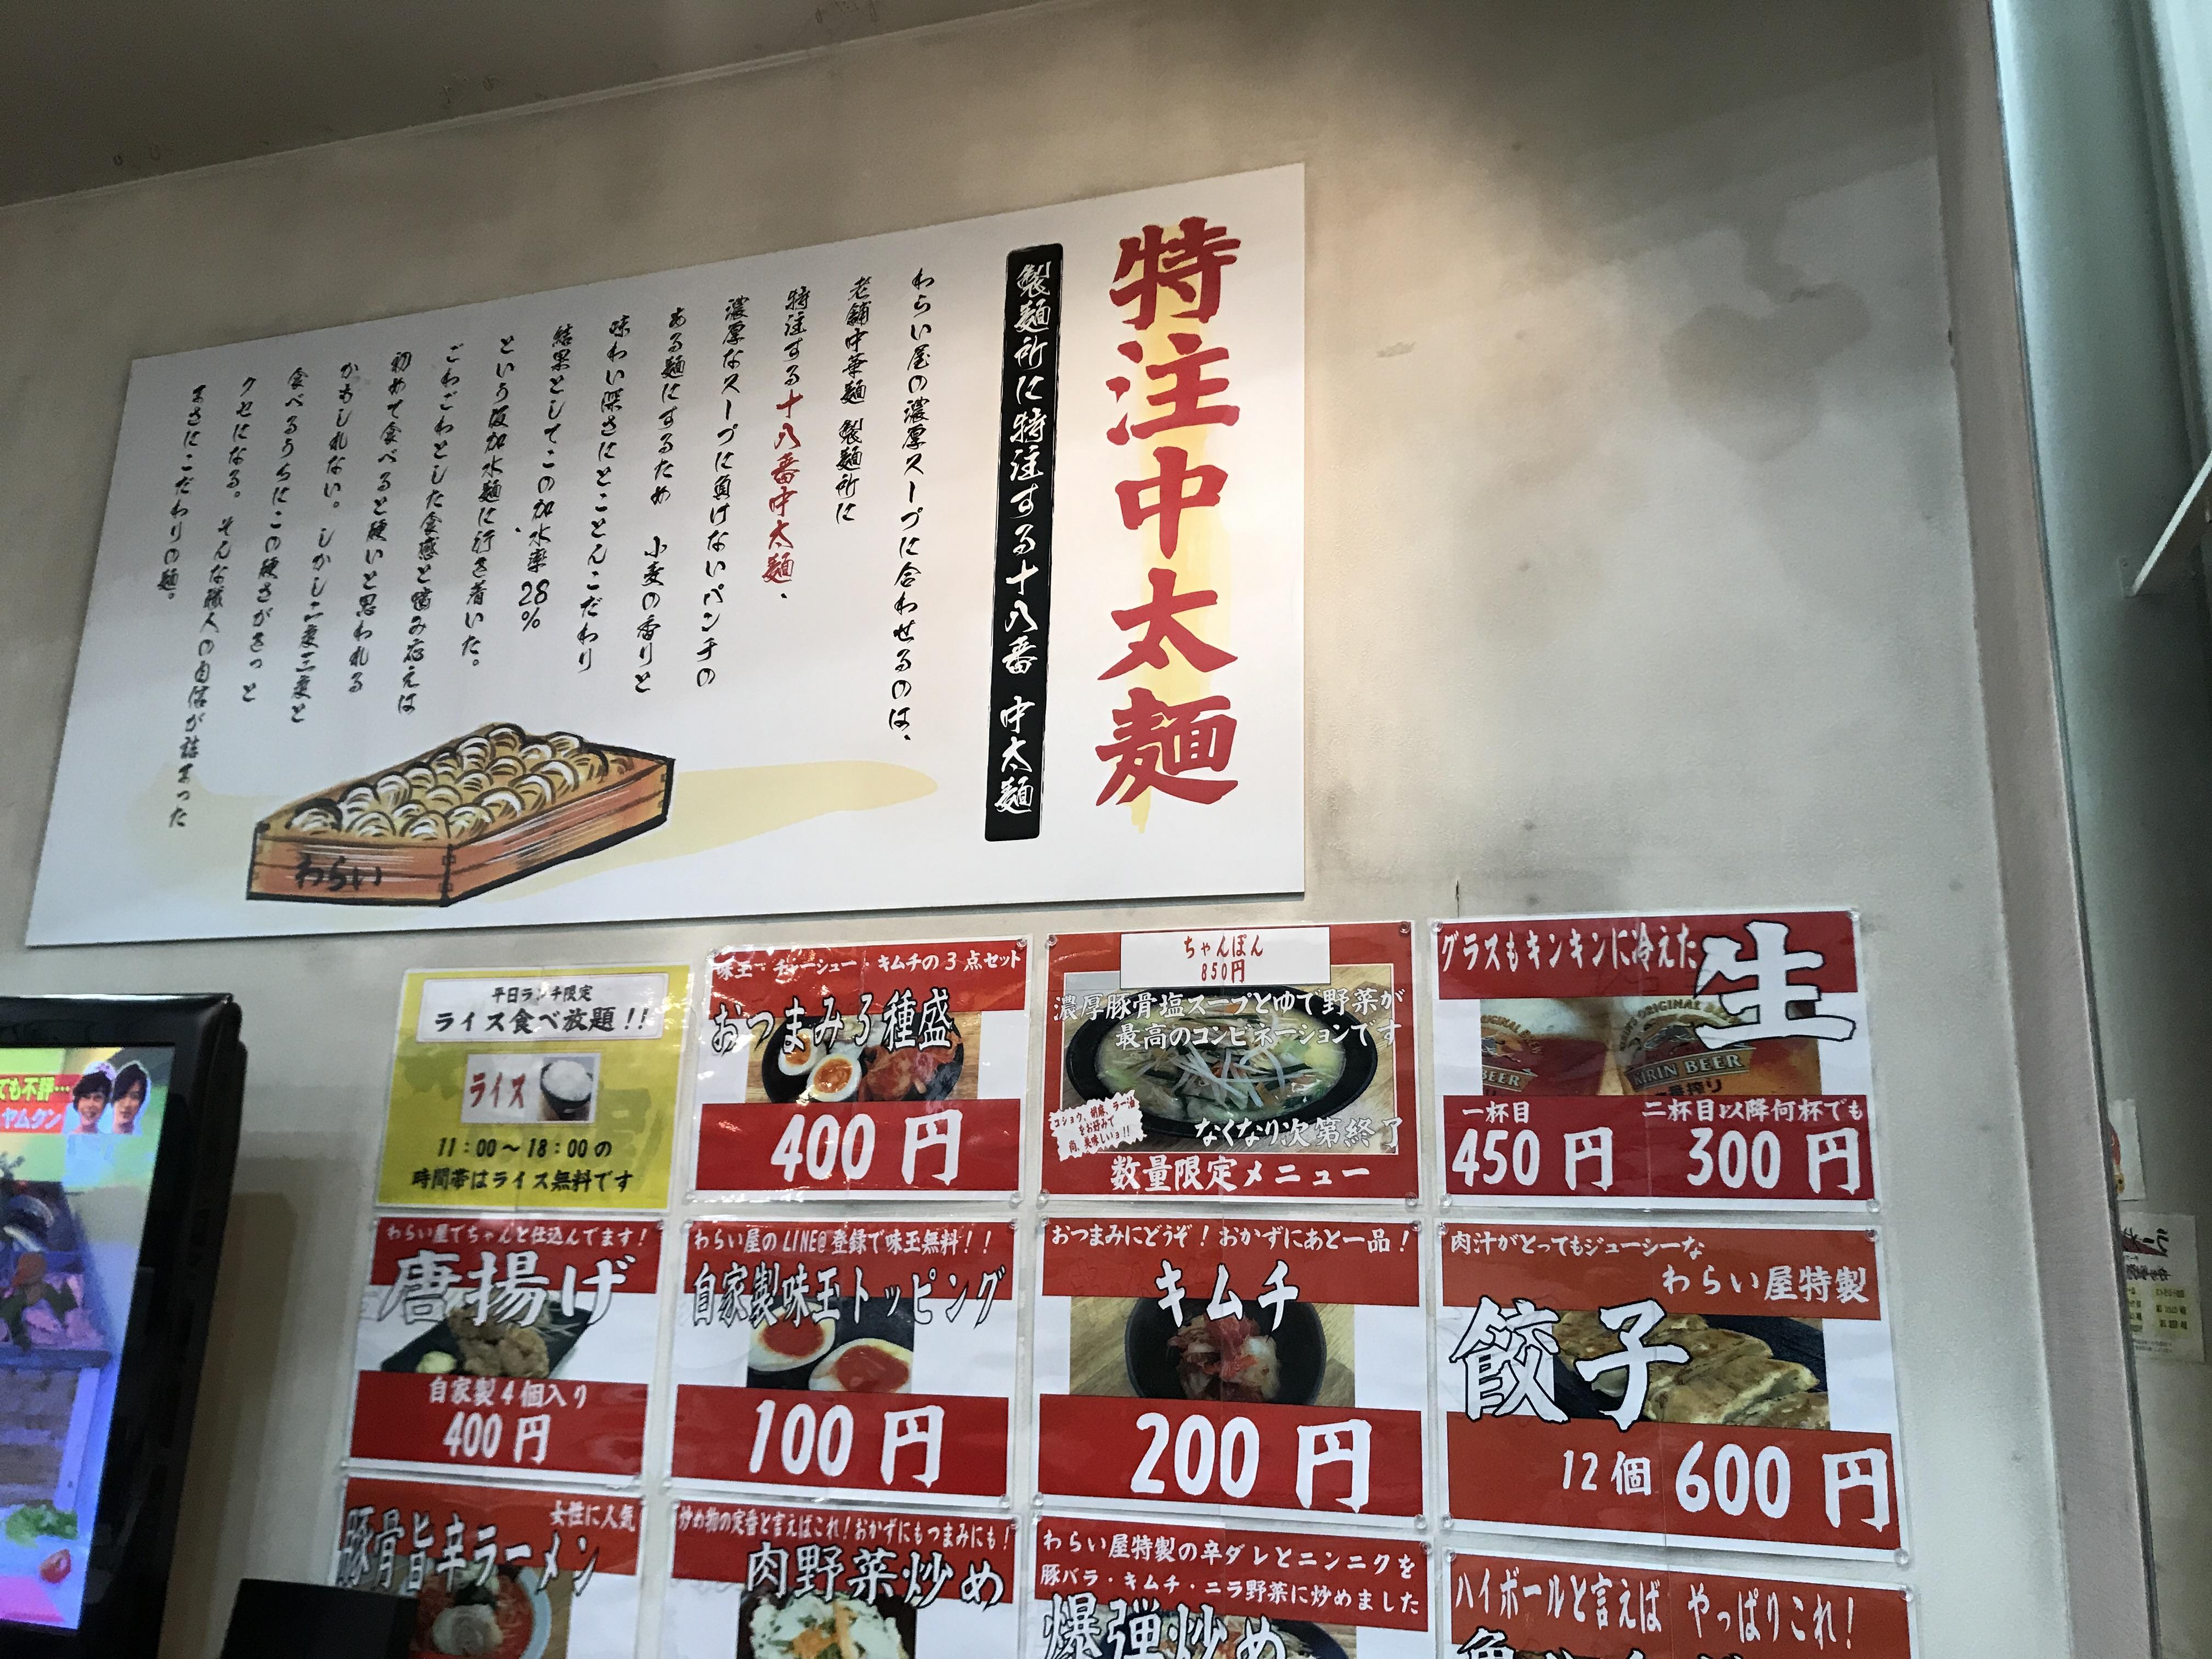 長野市川中島のラーメン屋「わらい屋」の店内ポップ